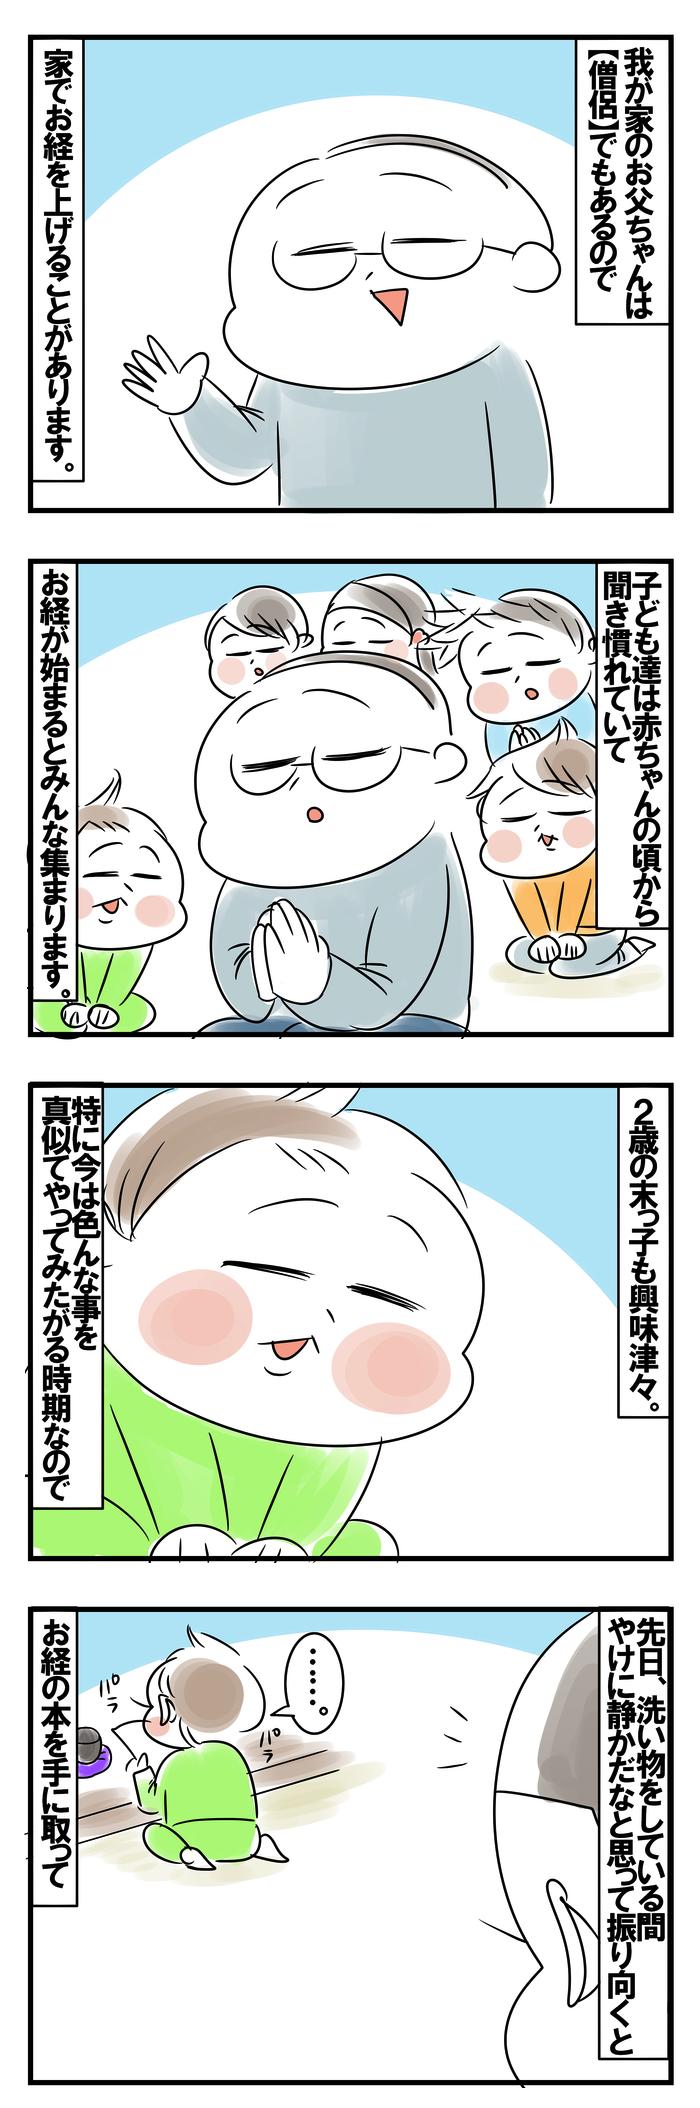 2歳児の唱えるお経。僧侶のお父さんを真似している様子が、なんとも愛おしい(笑)の画像1